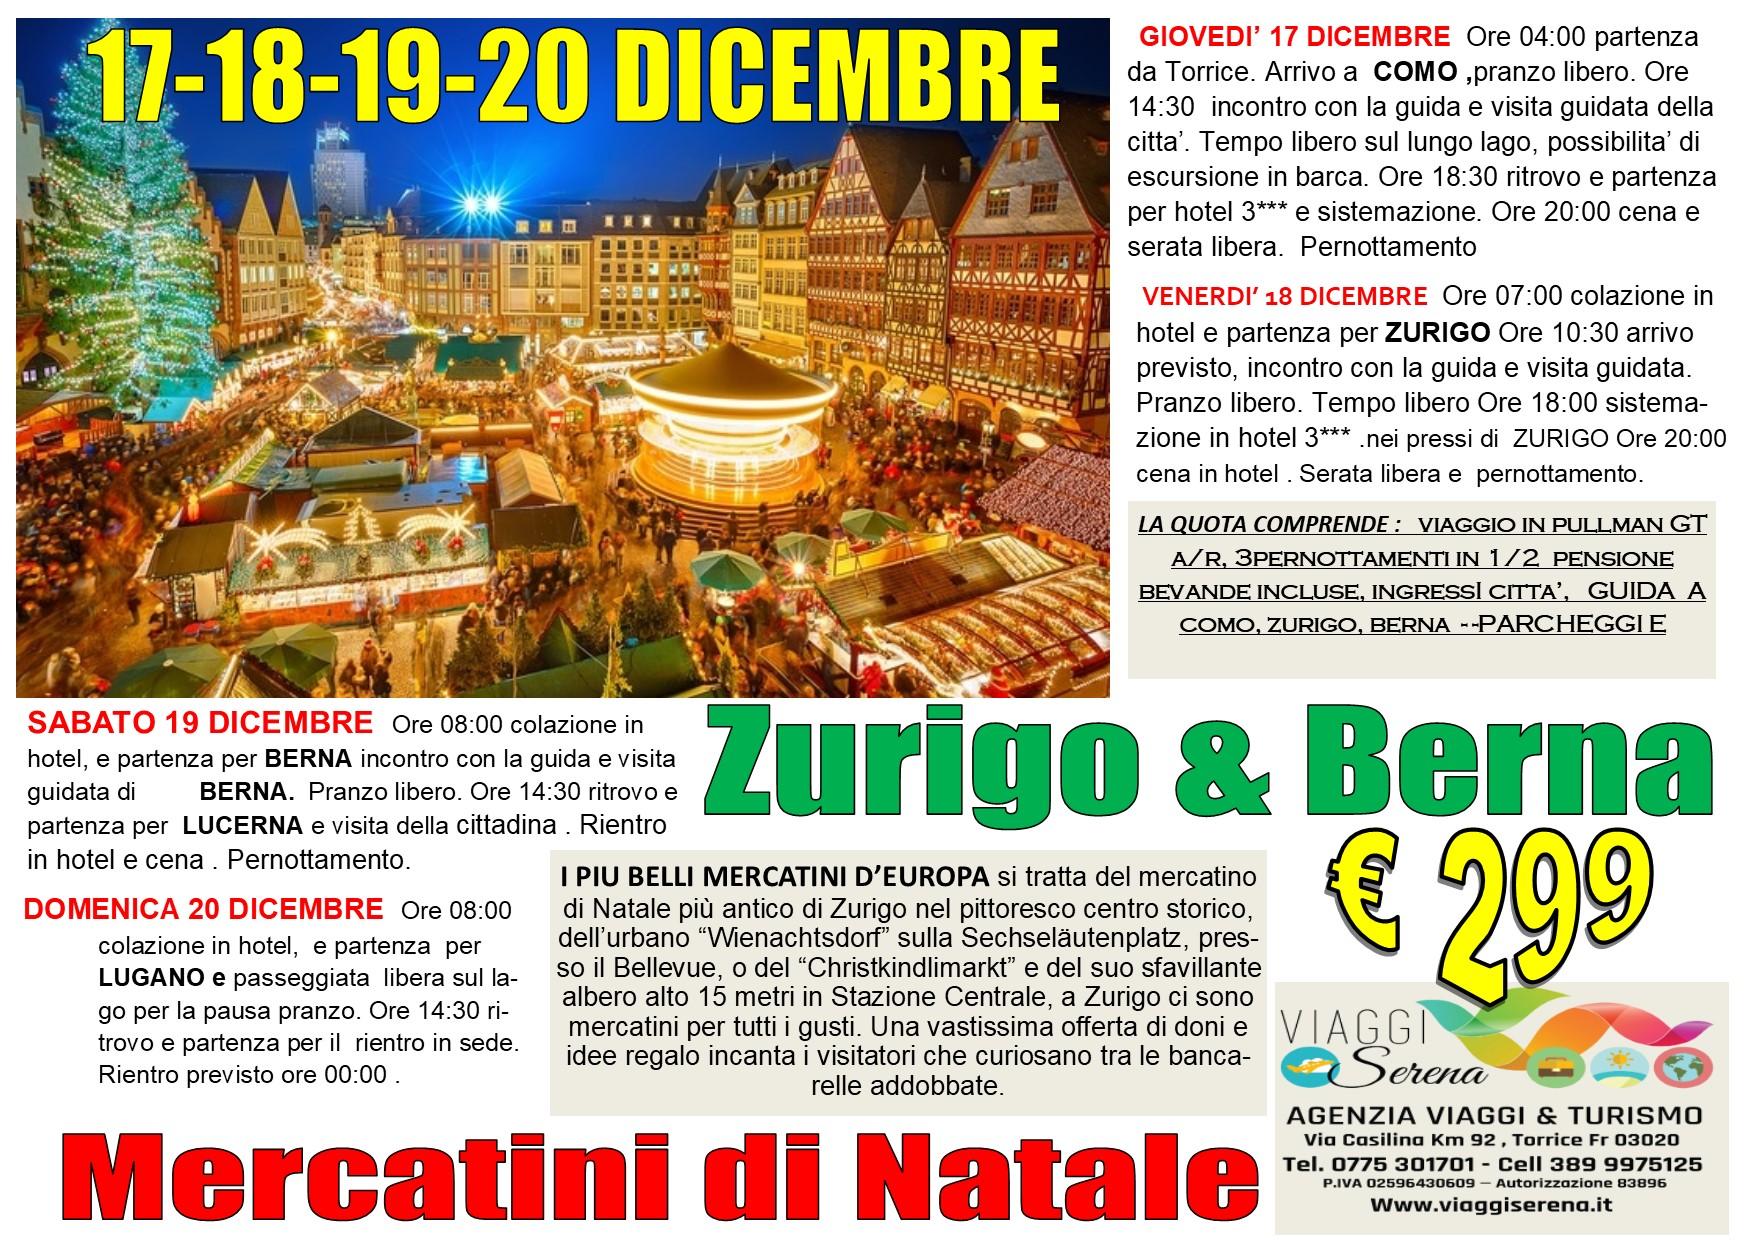 Viaggi di Natale:  Zurigo, Berna,  Lucerna & Lugano 17-18-19-20 Dicembre  € 299,00